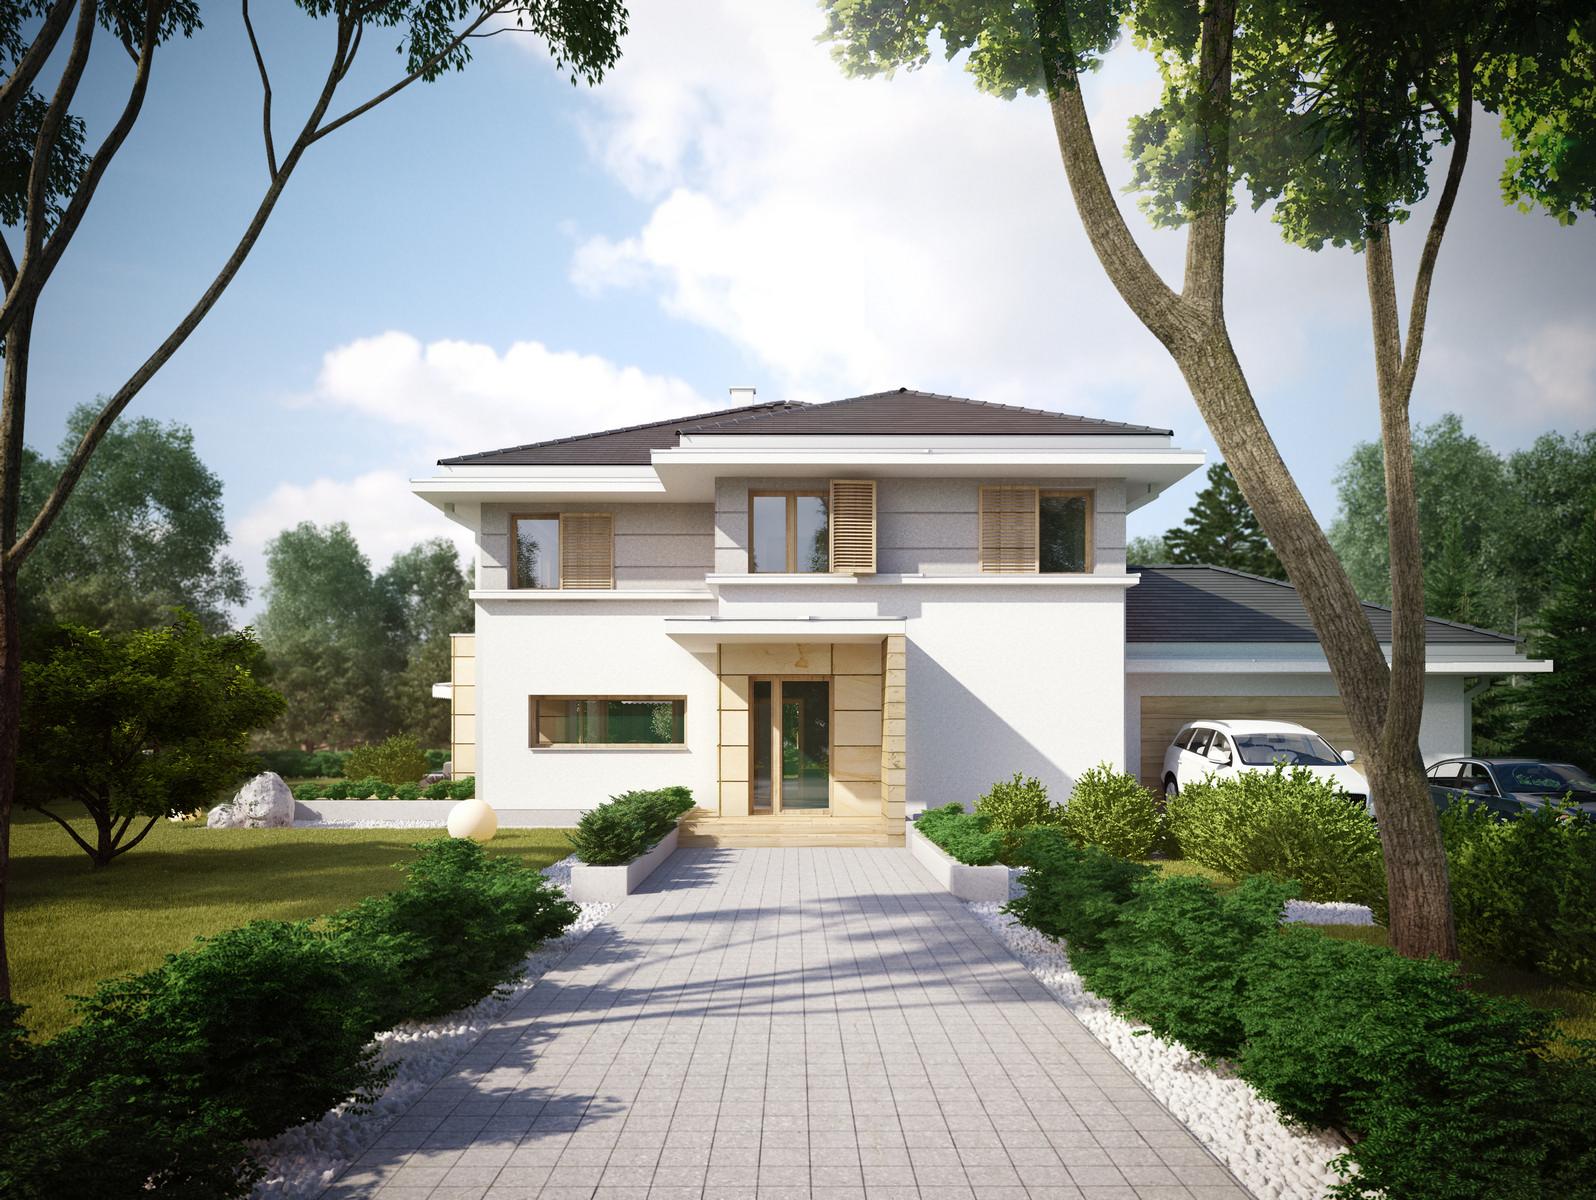 Projekt domu PRZYJEMNY Domy Czystej Energii widok od boku i od frontu